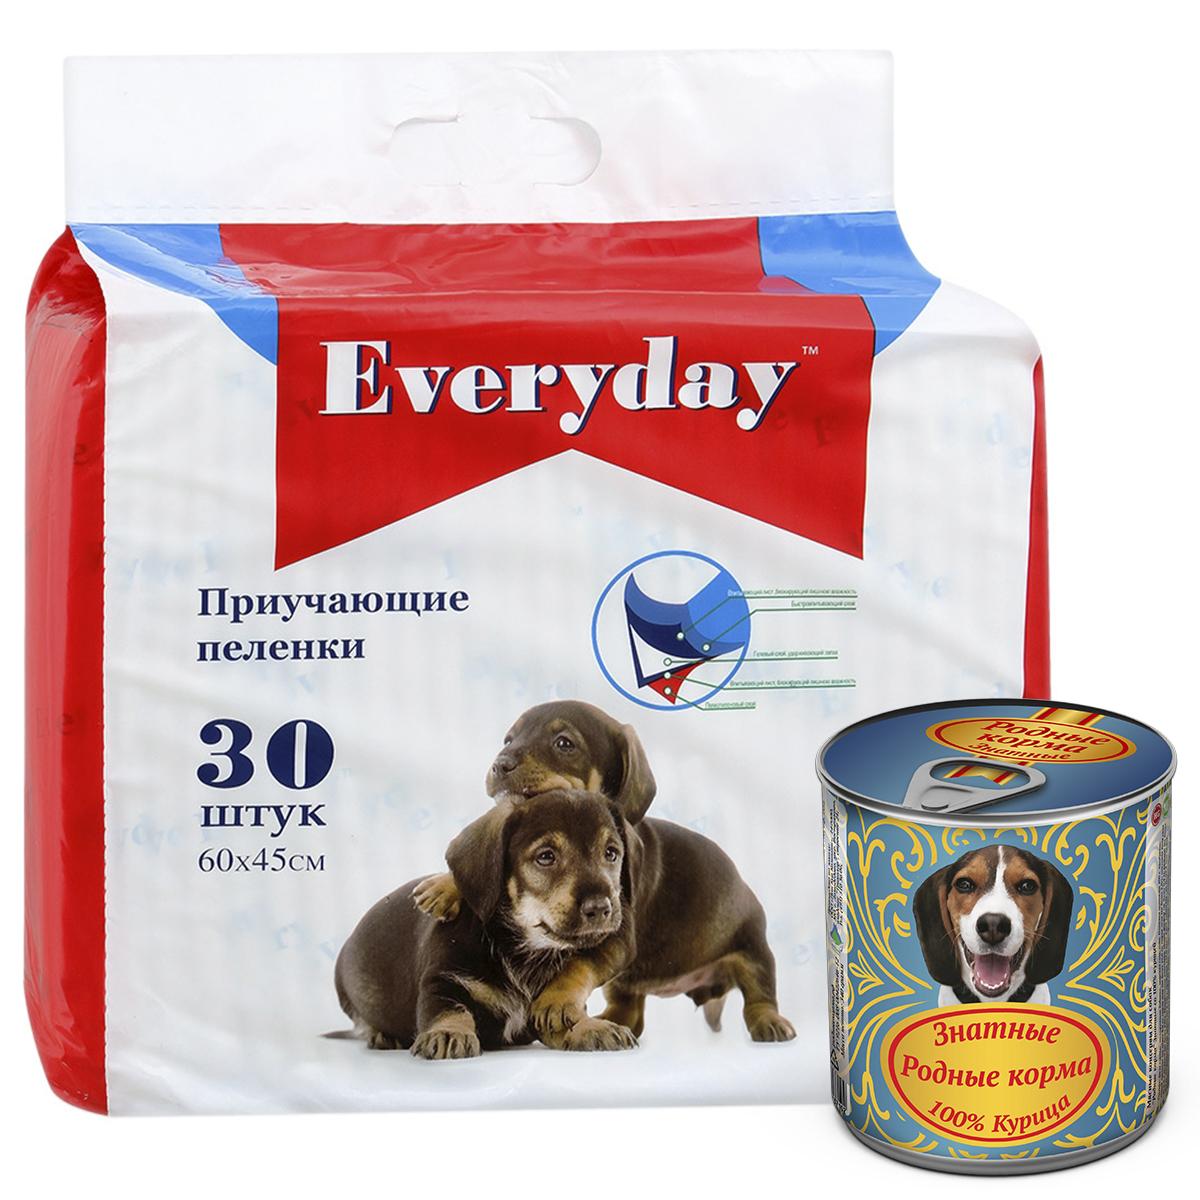 Впитывающие пеленки для животных Everyday, гелевые, 60х45 см, 30 шт + ПОДАРОК: Консервы для собак Родные корма Знатные, 100 % Курица, 340 г12171996Пелёнки изготовлены под девизом: Цена+качество+ гигиена+комфорт. Имеют ненавязчивый привлекающий аромат. Содержат специальный гель внутри впитывающего слоя, что позволяет продлить срок использования гигиенического изделия. Всегда чисто! Всегда сухо! + ПОДАРОК Консервы РОДНЫЕ КОРМА Знатные 100 % Курица для собак 340 г